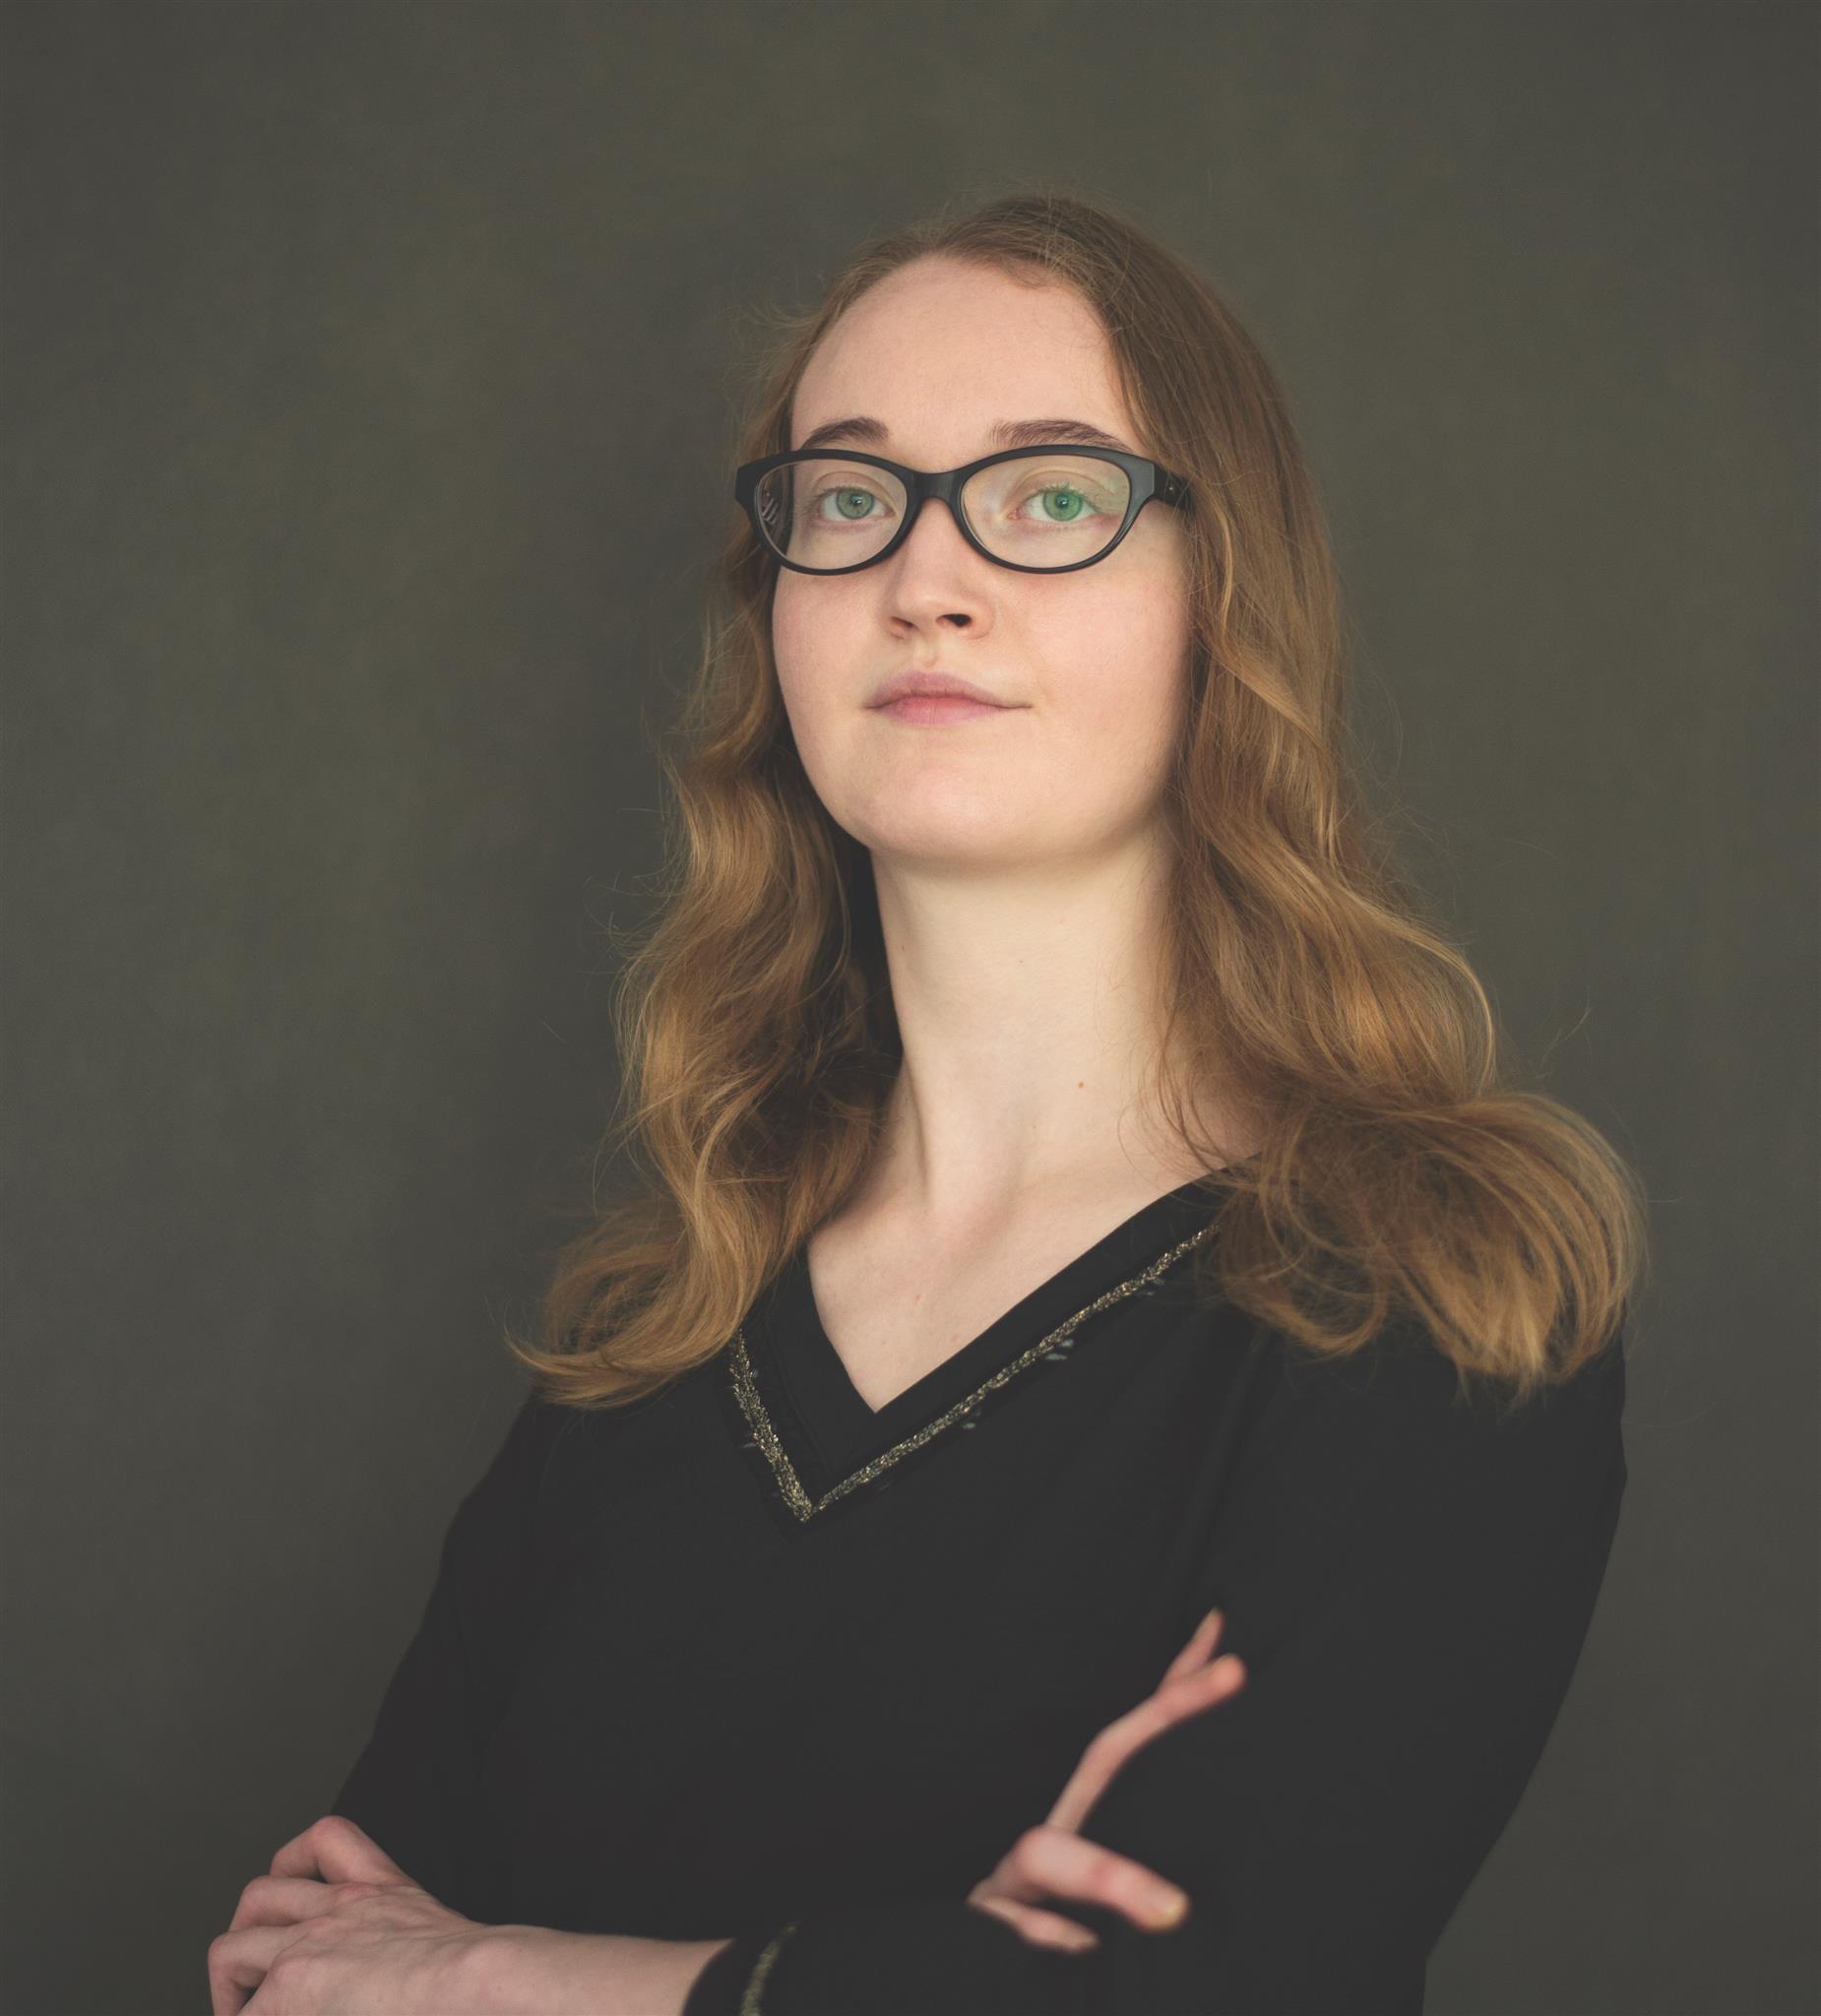 Kamila Kołaczkowska